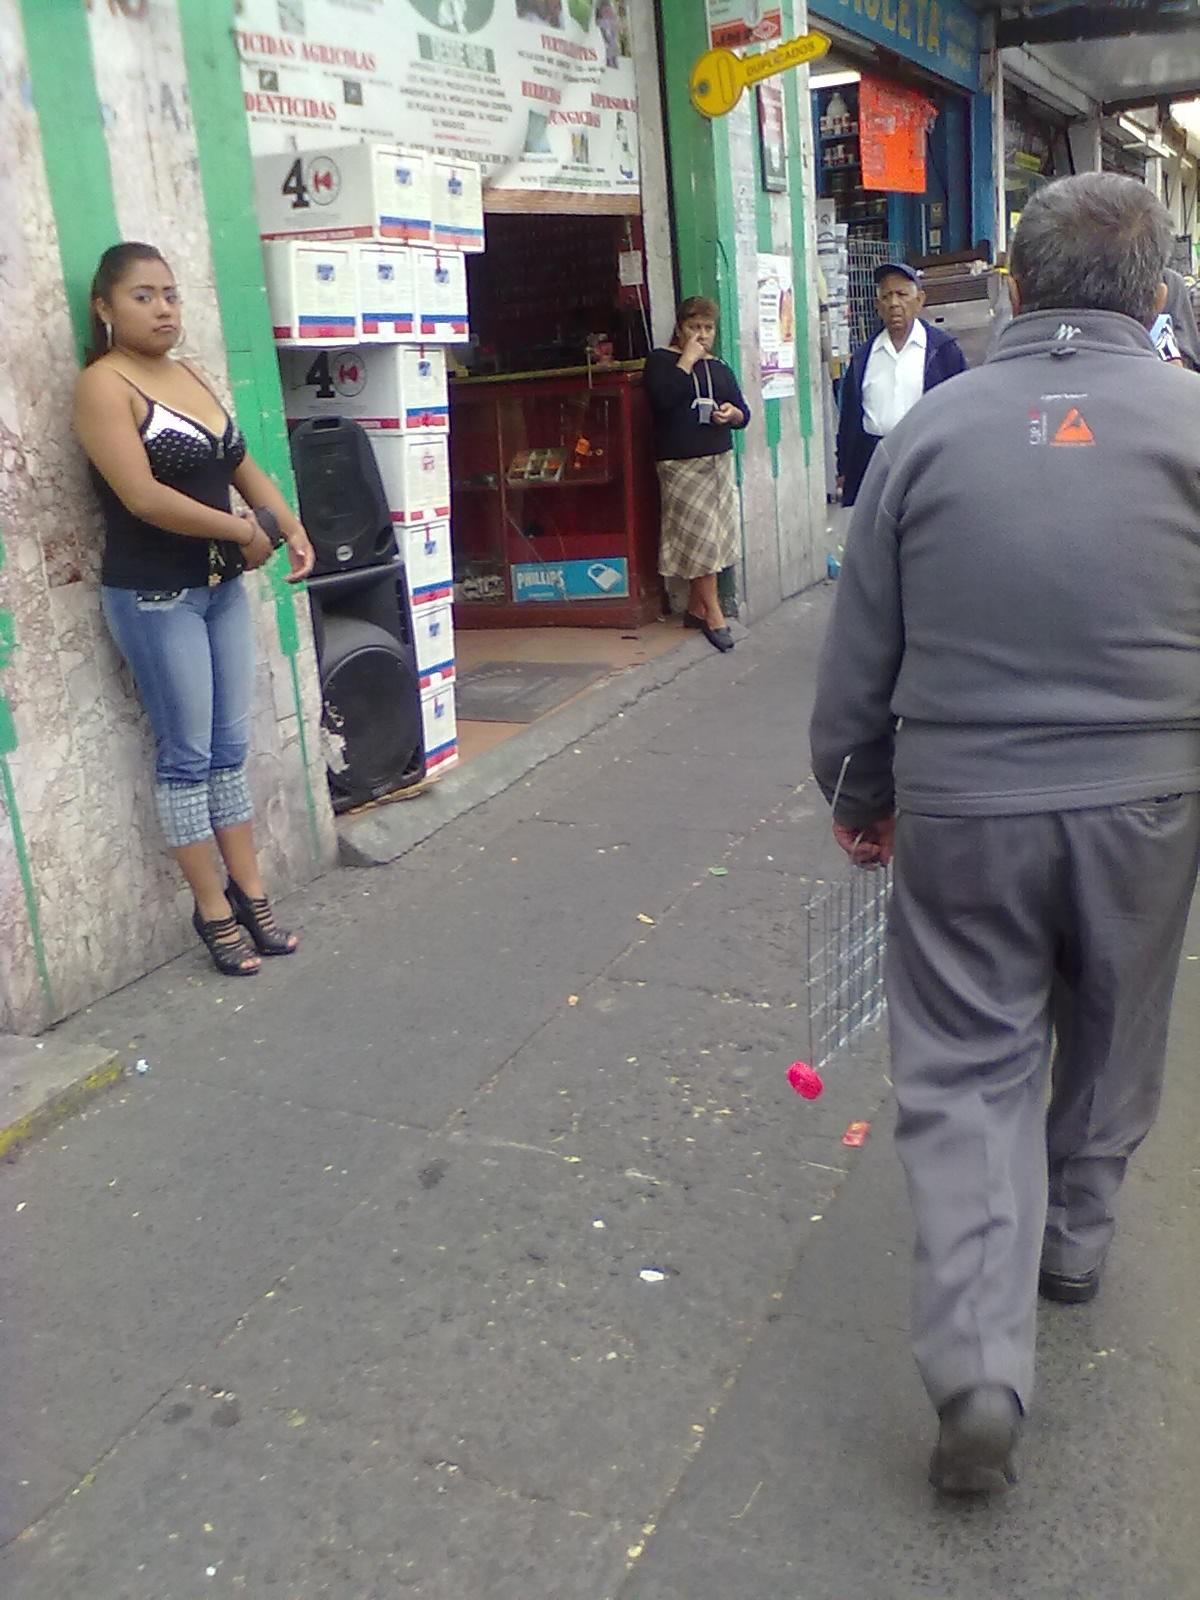 calle prostitutas amsterdam prostitutas callejeras poringa